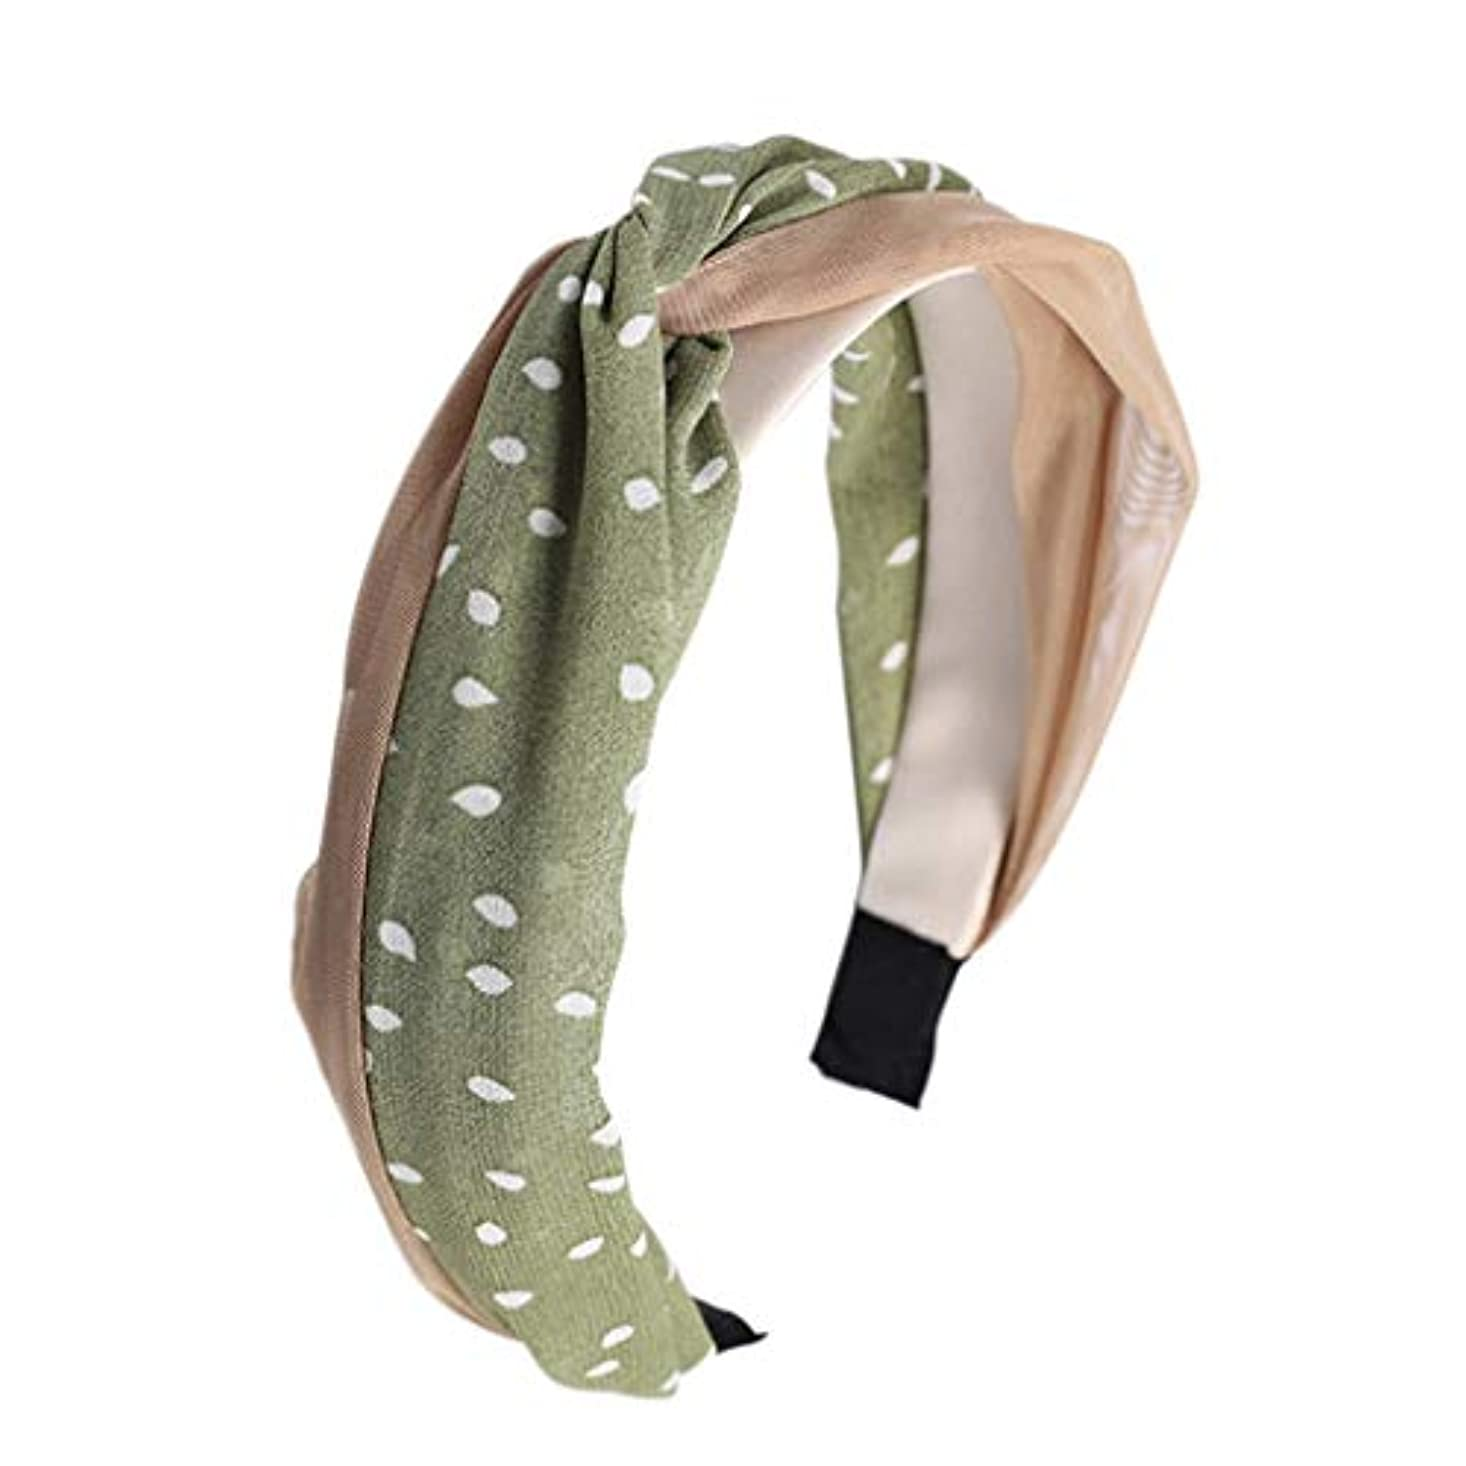 素晴らしい罹患率危機Manyao 韓国風の新鮮な女性のメッシュポルカドットヘッドバンドヴィンテージツイスト結び目ワイヤーヘアフープ (緑)